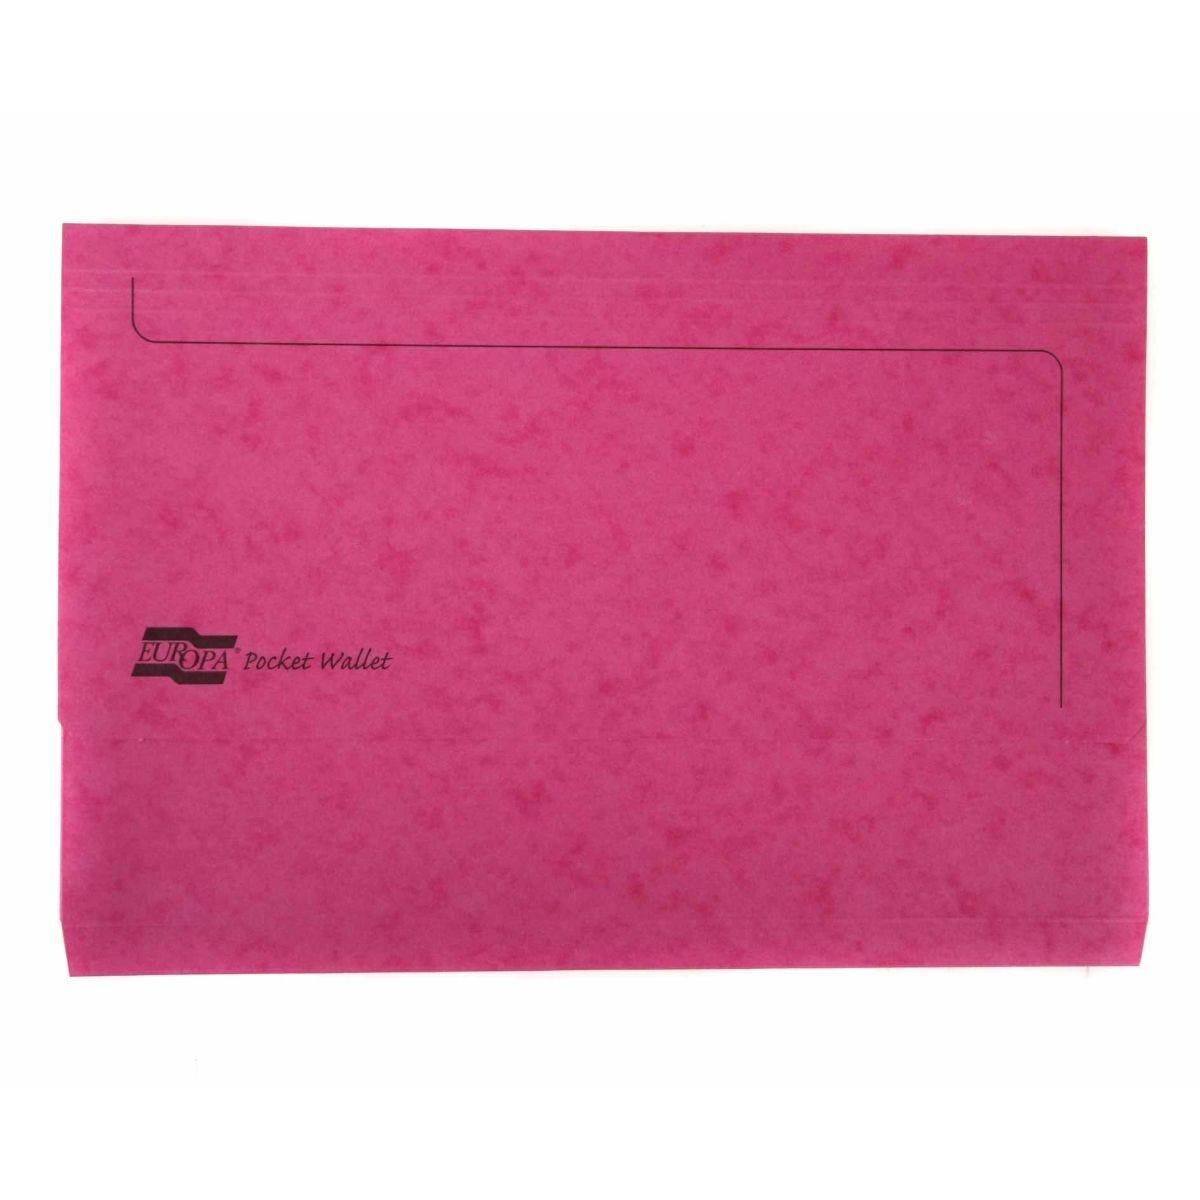 Europa Pocket Wallet Foolscap Pink